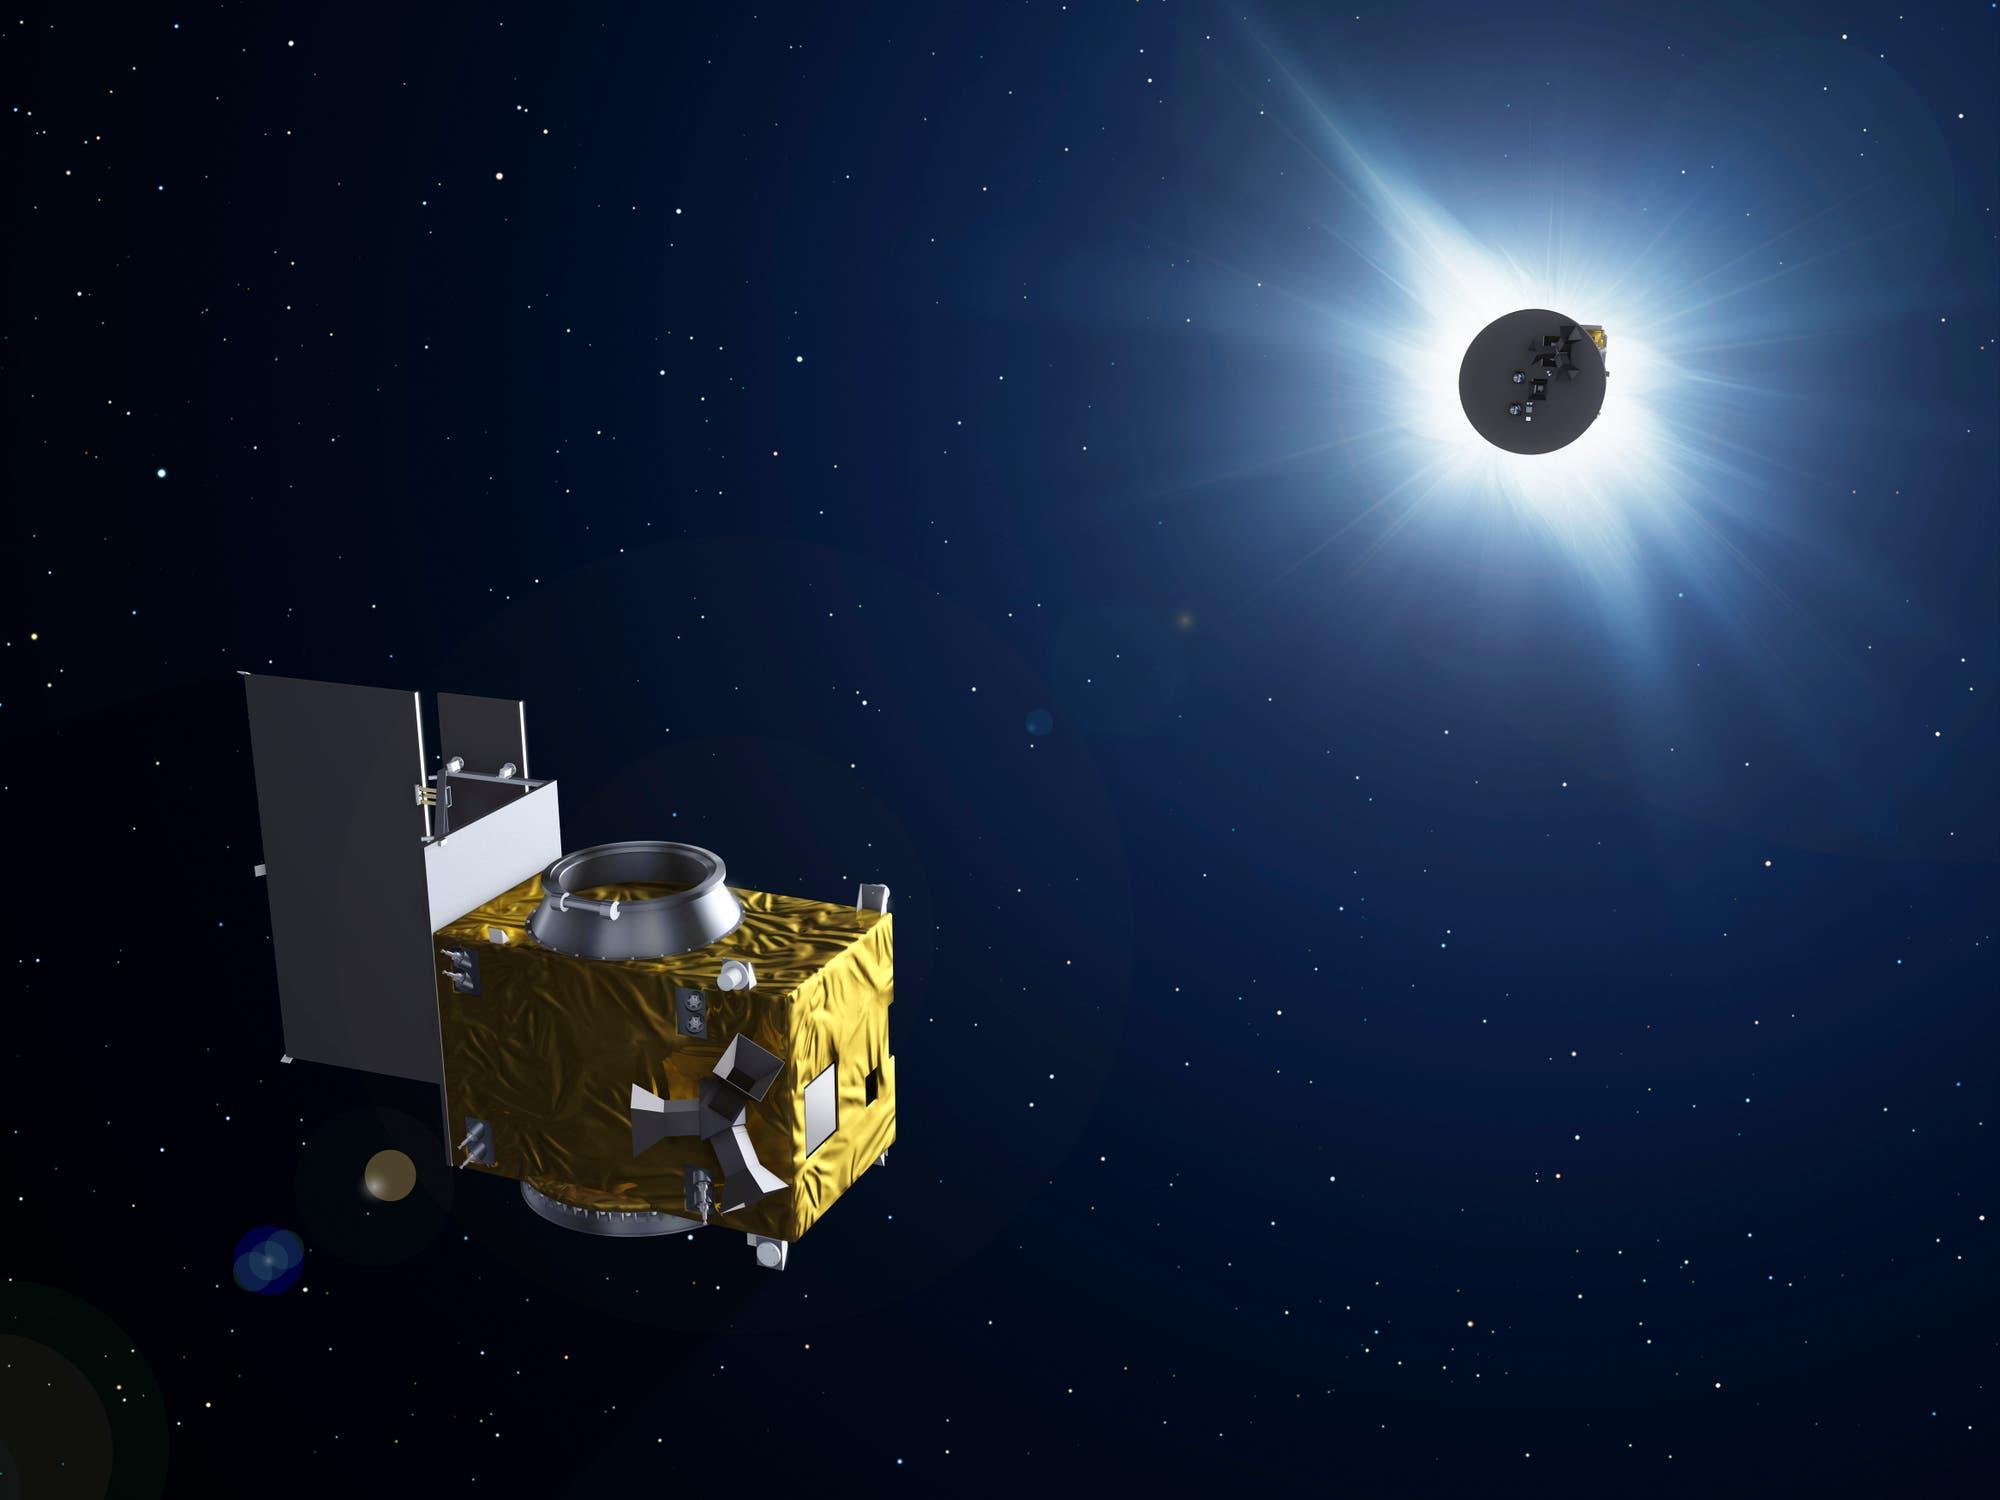 Die Sonnenforschungsmission Proba-3 (künstlerische Darstellung)